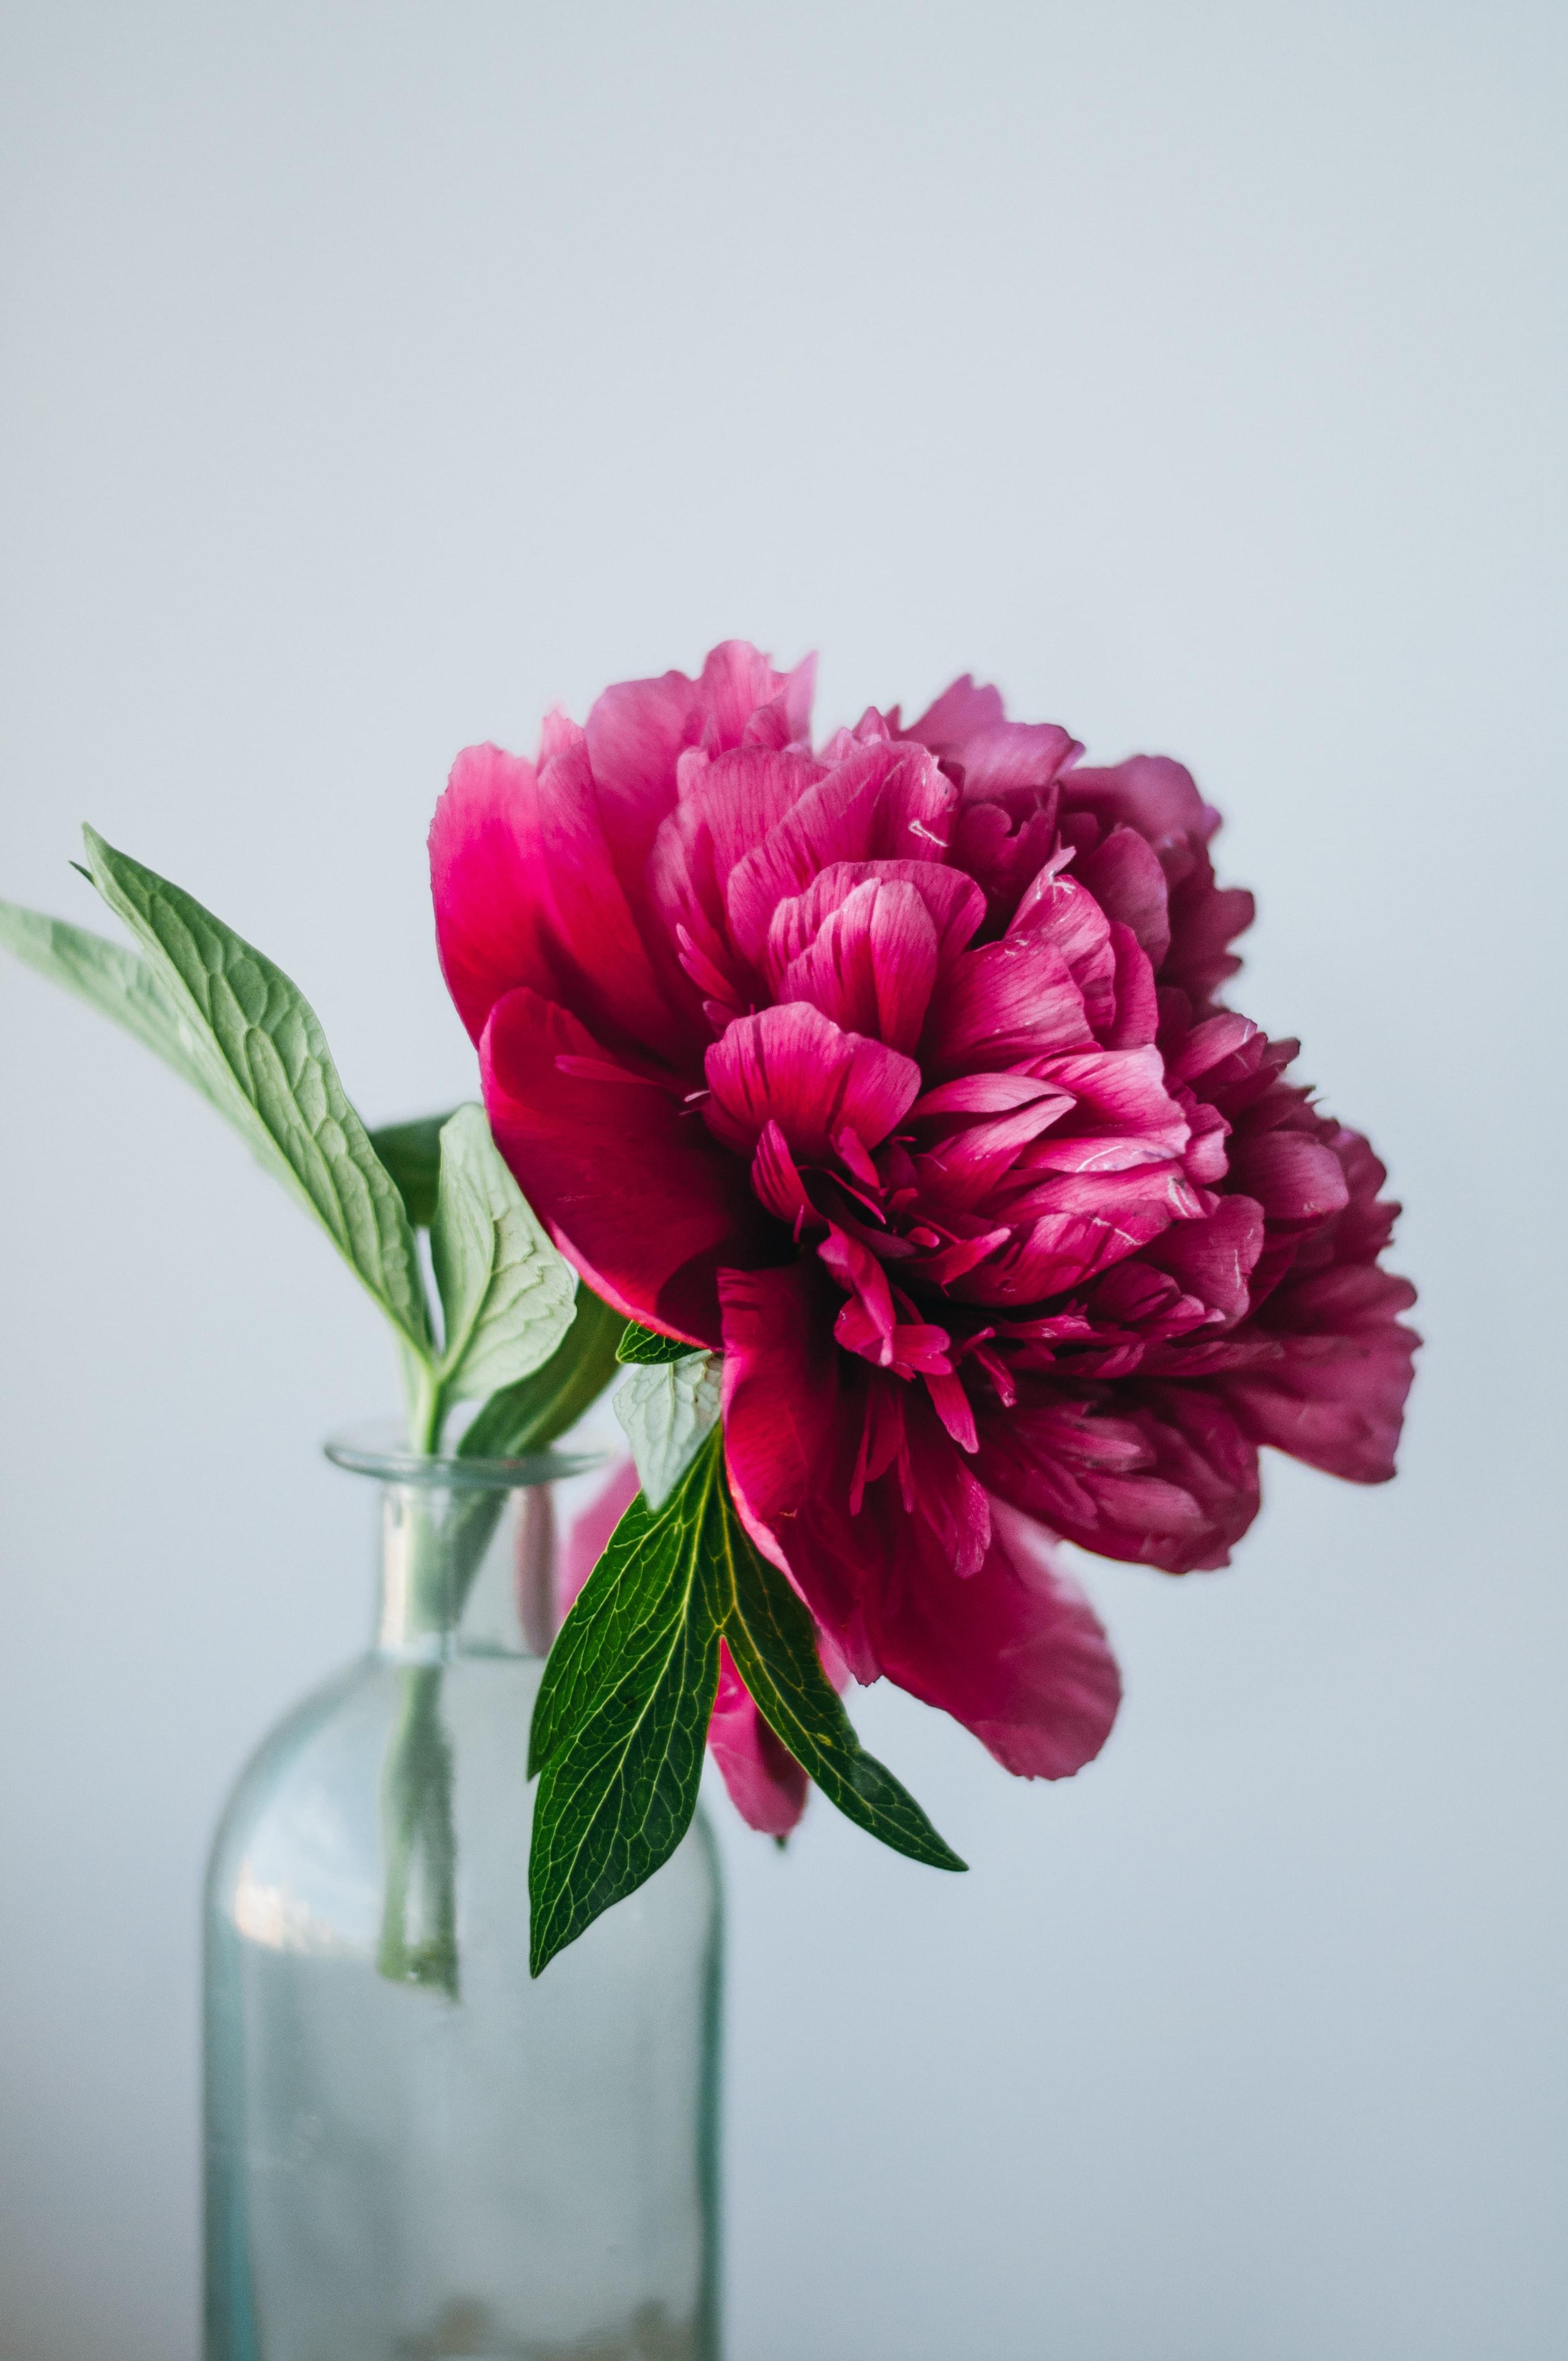 「立てば芍薬、座れば牡丹」といわれるように、高貴な美しさを漂わせ、豪華でエレガントな印象。ほころびかけているつぼみの状態のものを選ぶと、徐々に花が開いていく様子を見ることができます。様々な表情を長く楽しめるので、送り主のことを何度も思い出すきっかけになるかも。